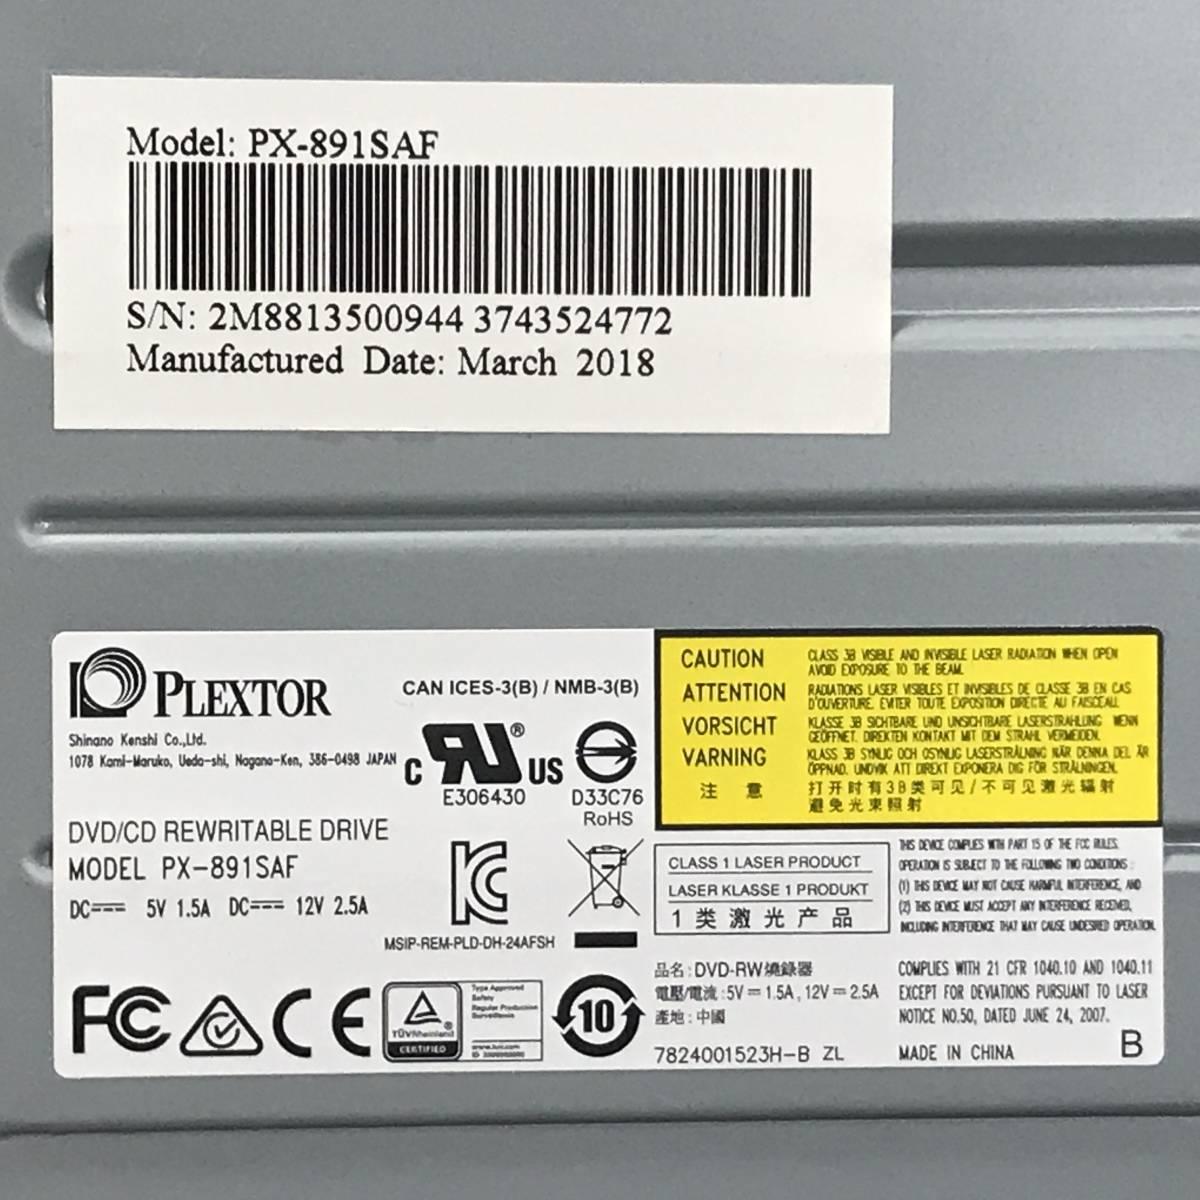 送料一律|PLEXTOR|PX-891SAF|2018年製|FW最新|デュプリケーター|DVDドライブ|内蔵|SATA|プレクスター|31139_画像2